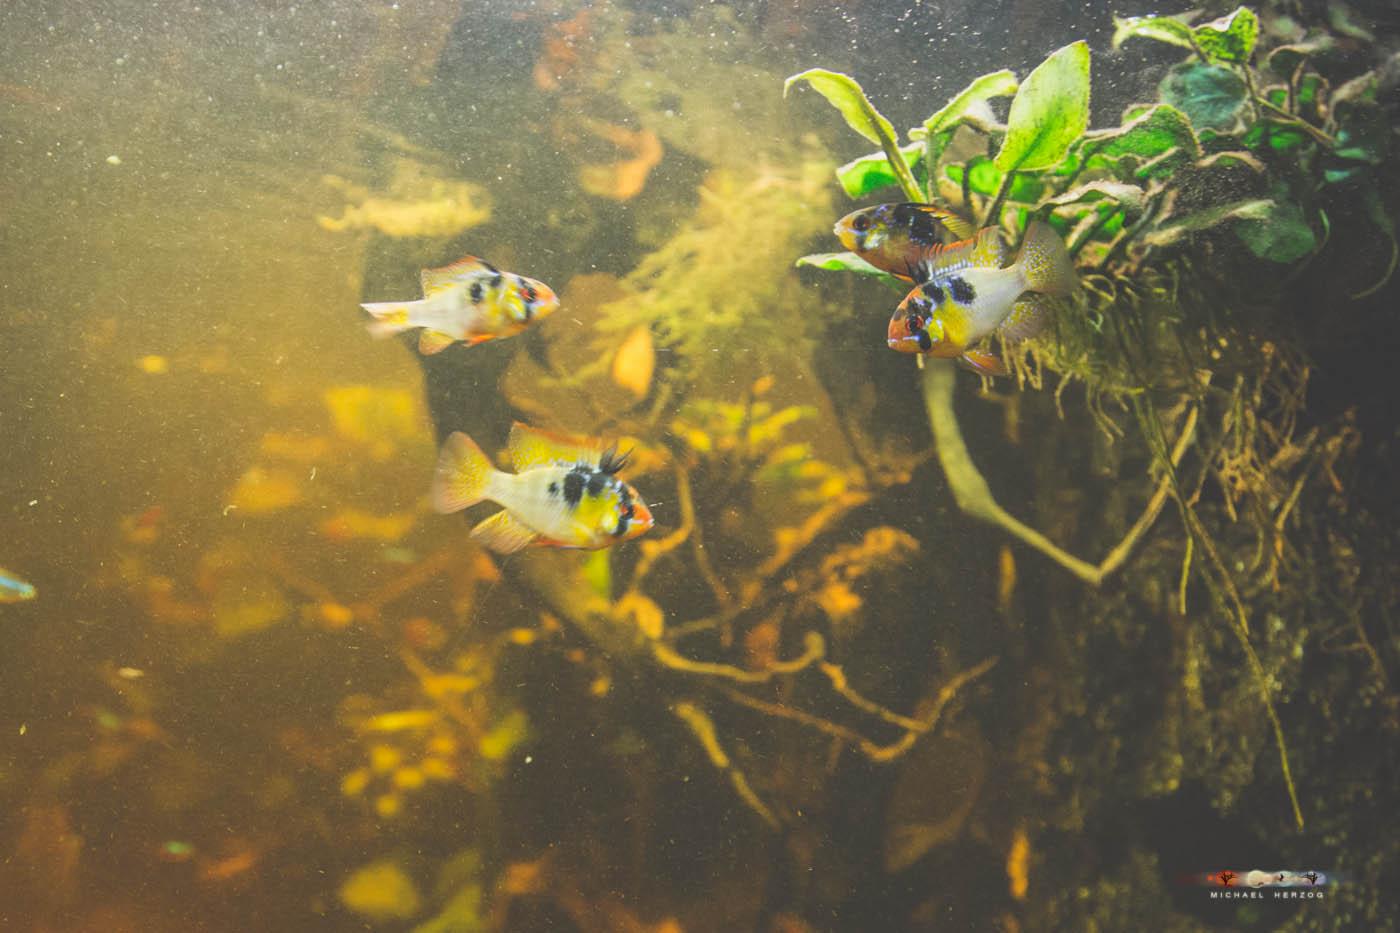 Aquarium_MichaelHerzog-5217.jpg